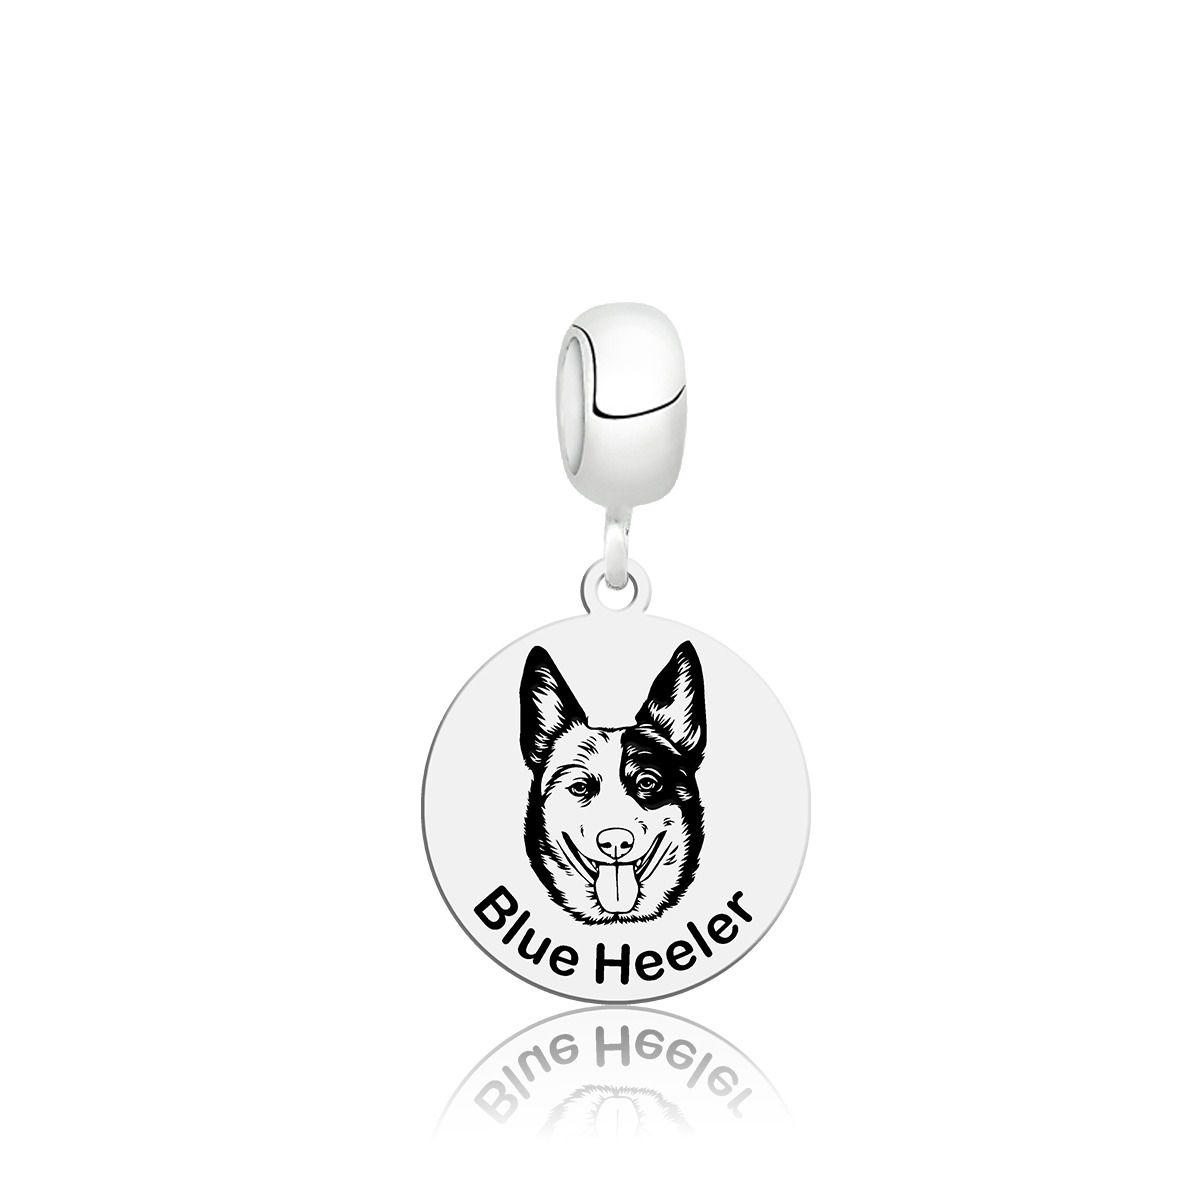 Berloque Cachorro Blue Heeler